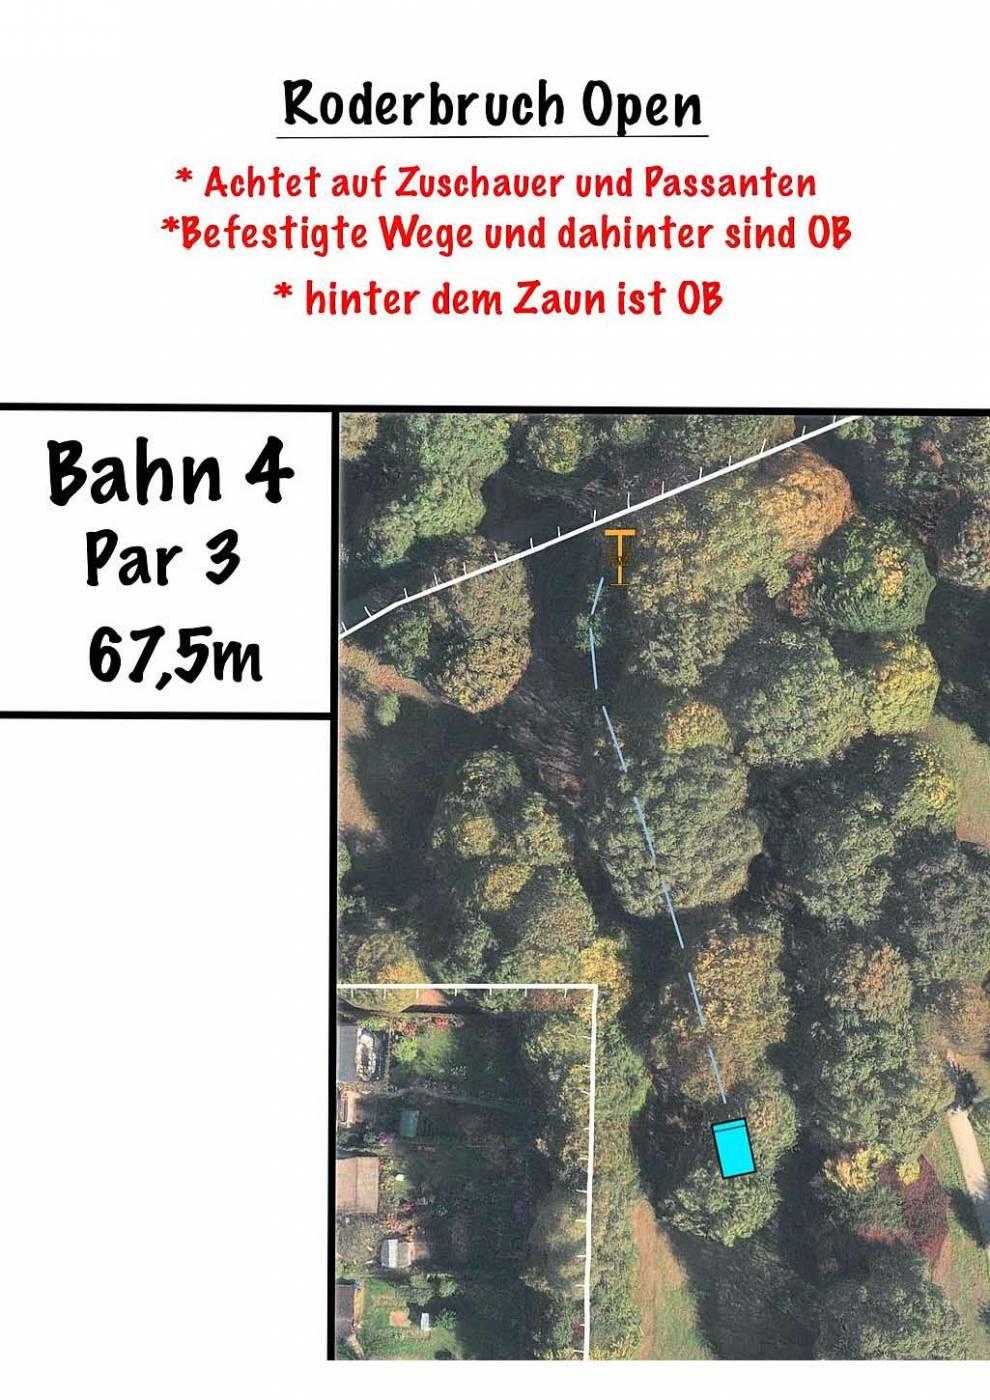 RBO 2019 - Bahn 04